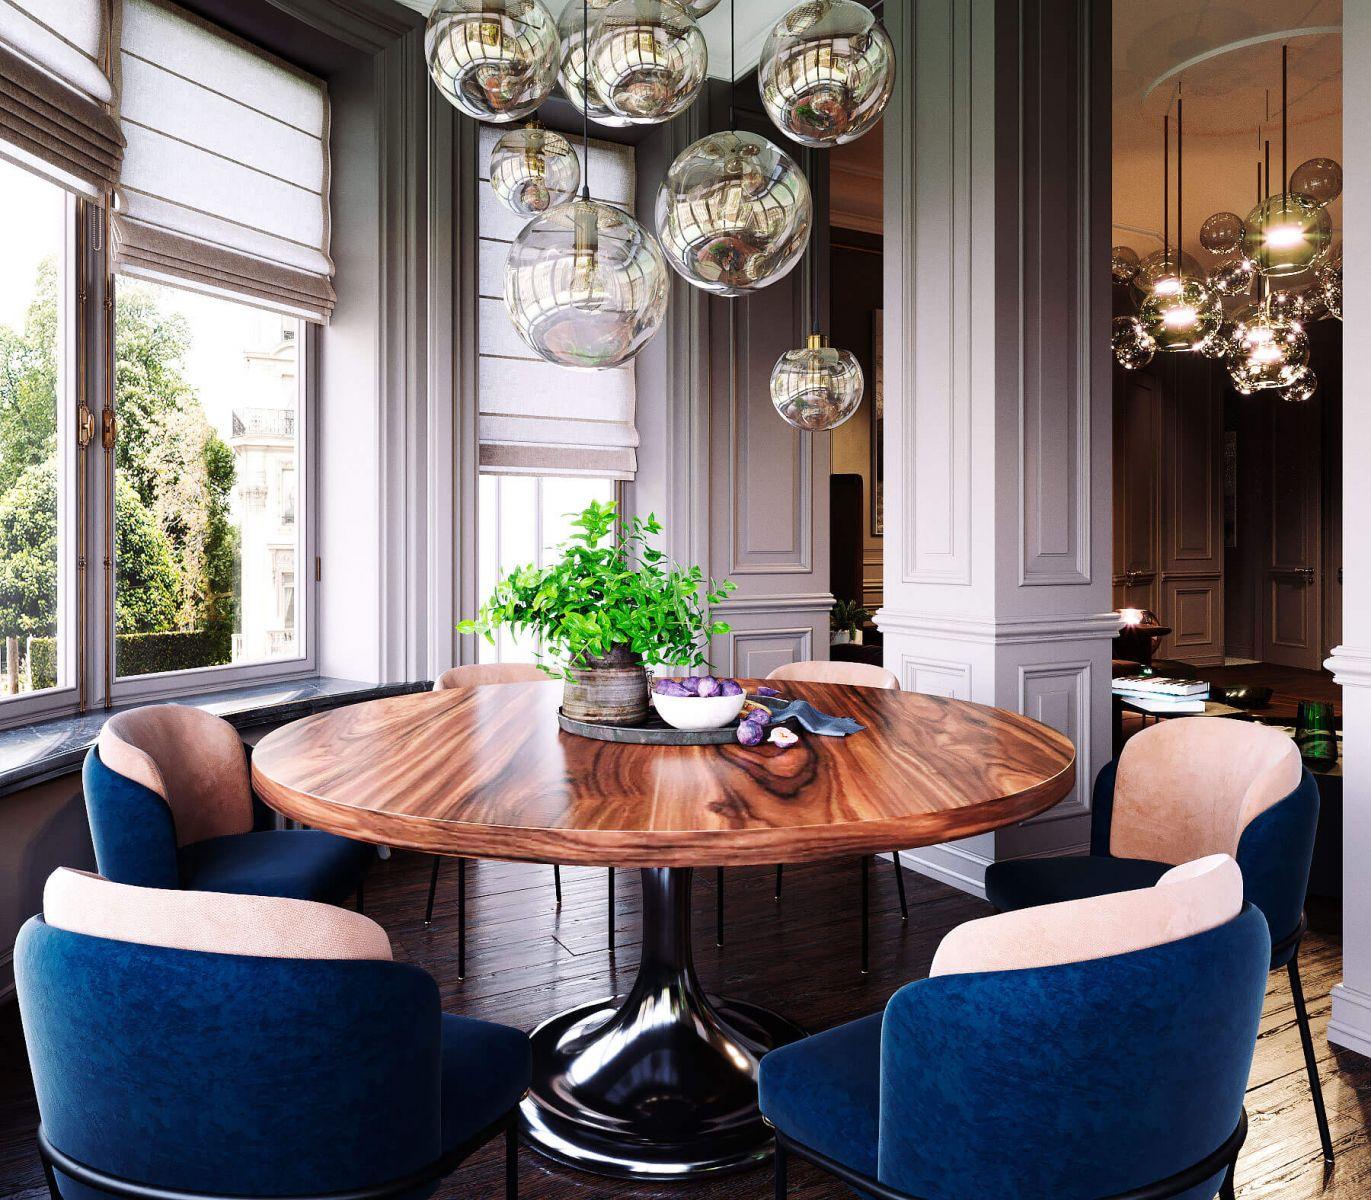 Для оформления пространства автор использовал мебель и предметы освещения от таких европейский фабрик: Minotti, Poliform, B&B Italia, Pablo Contour Lamps